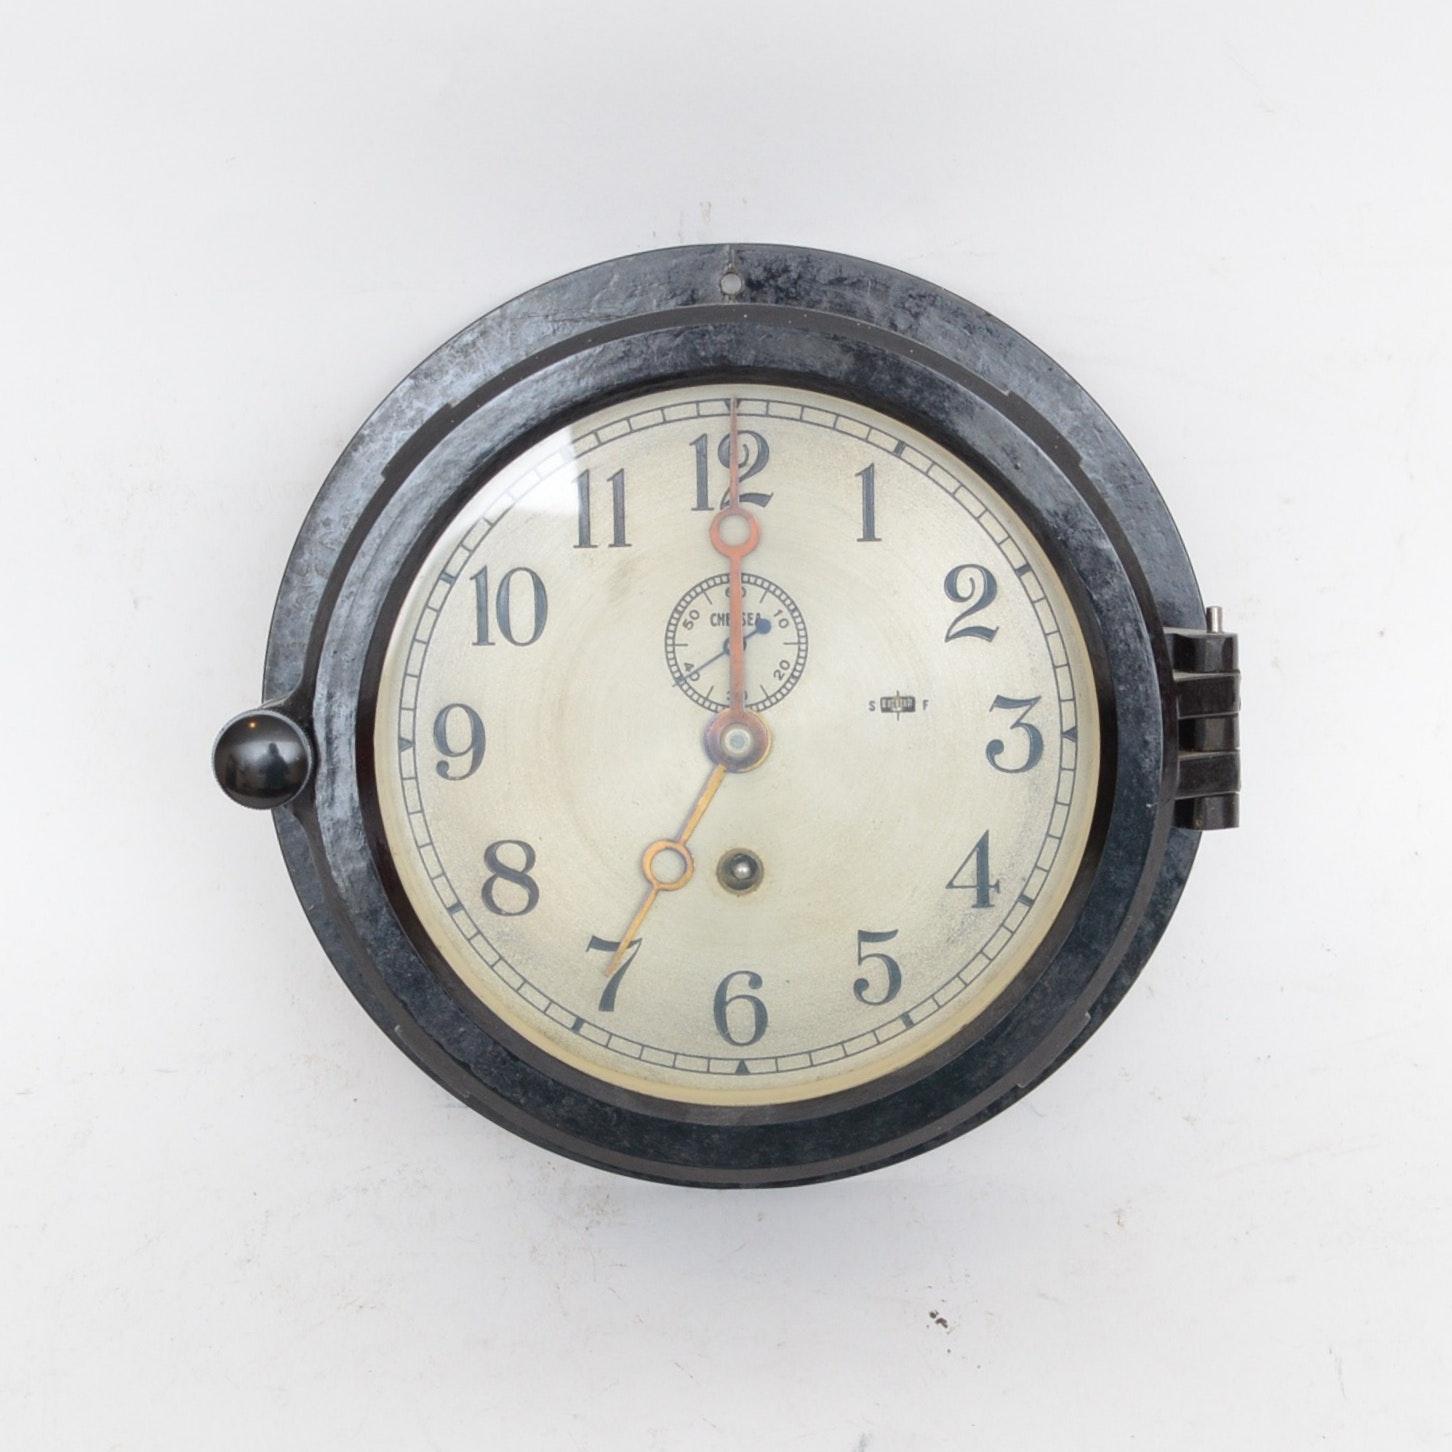 Chelsea Boston Ship's Clock, circa 1970-1974